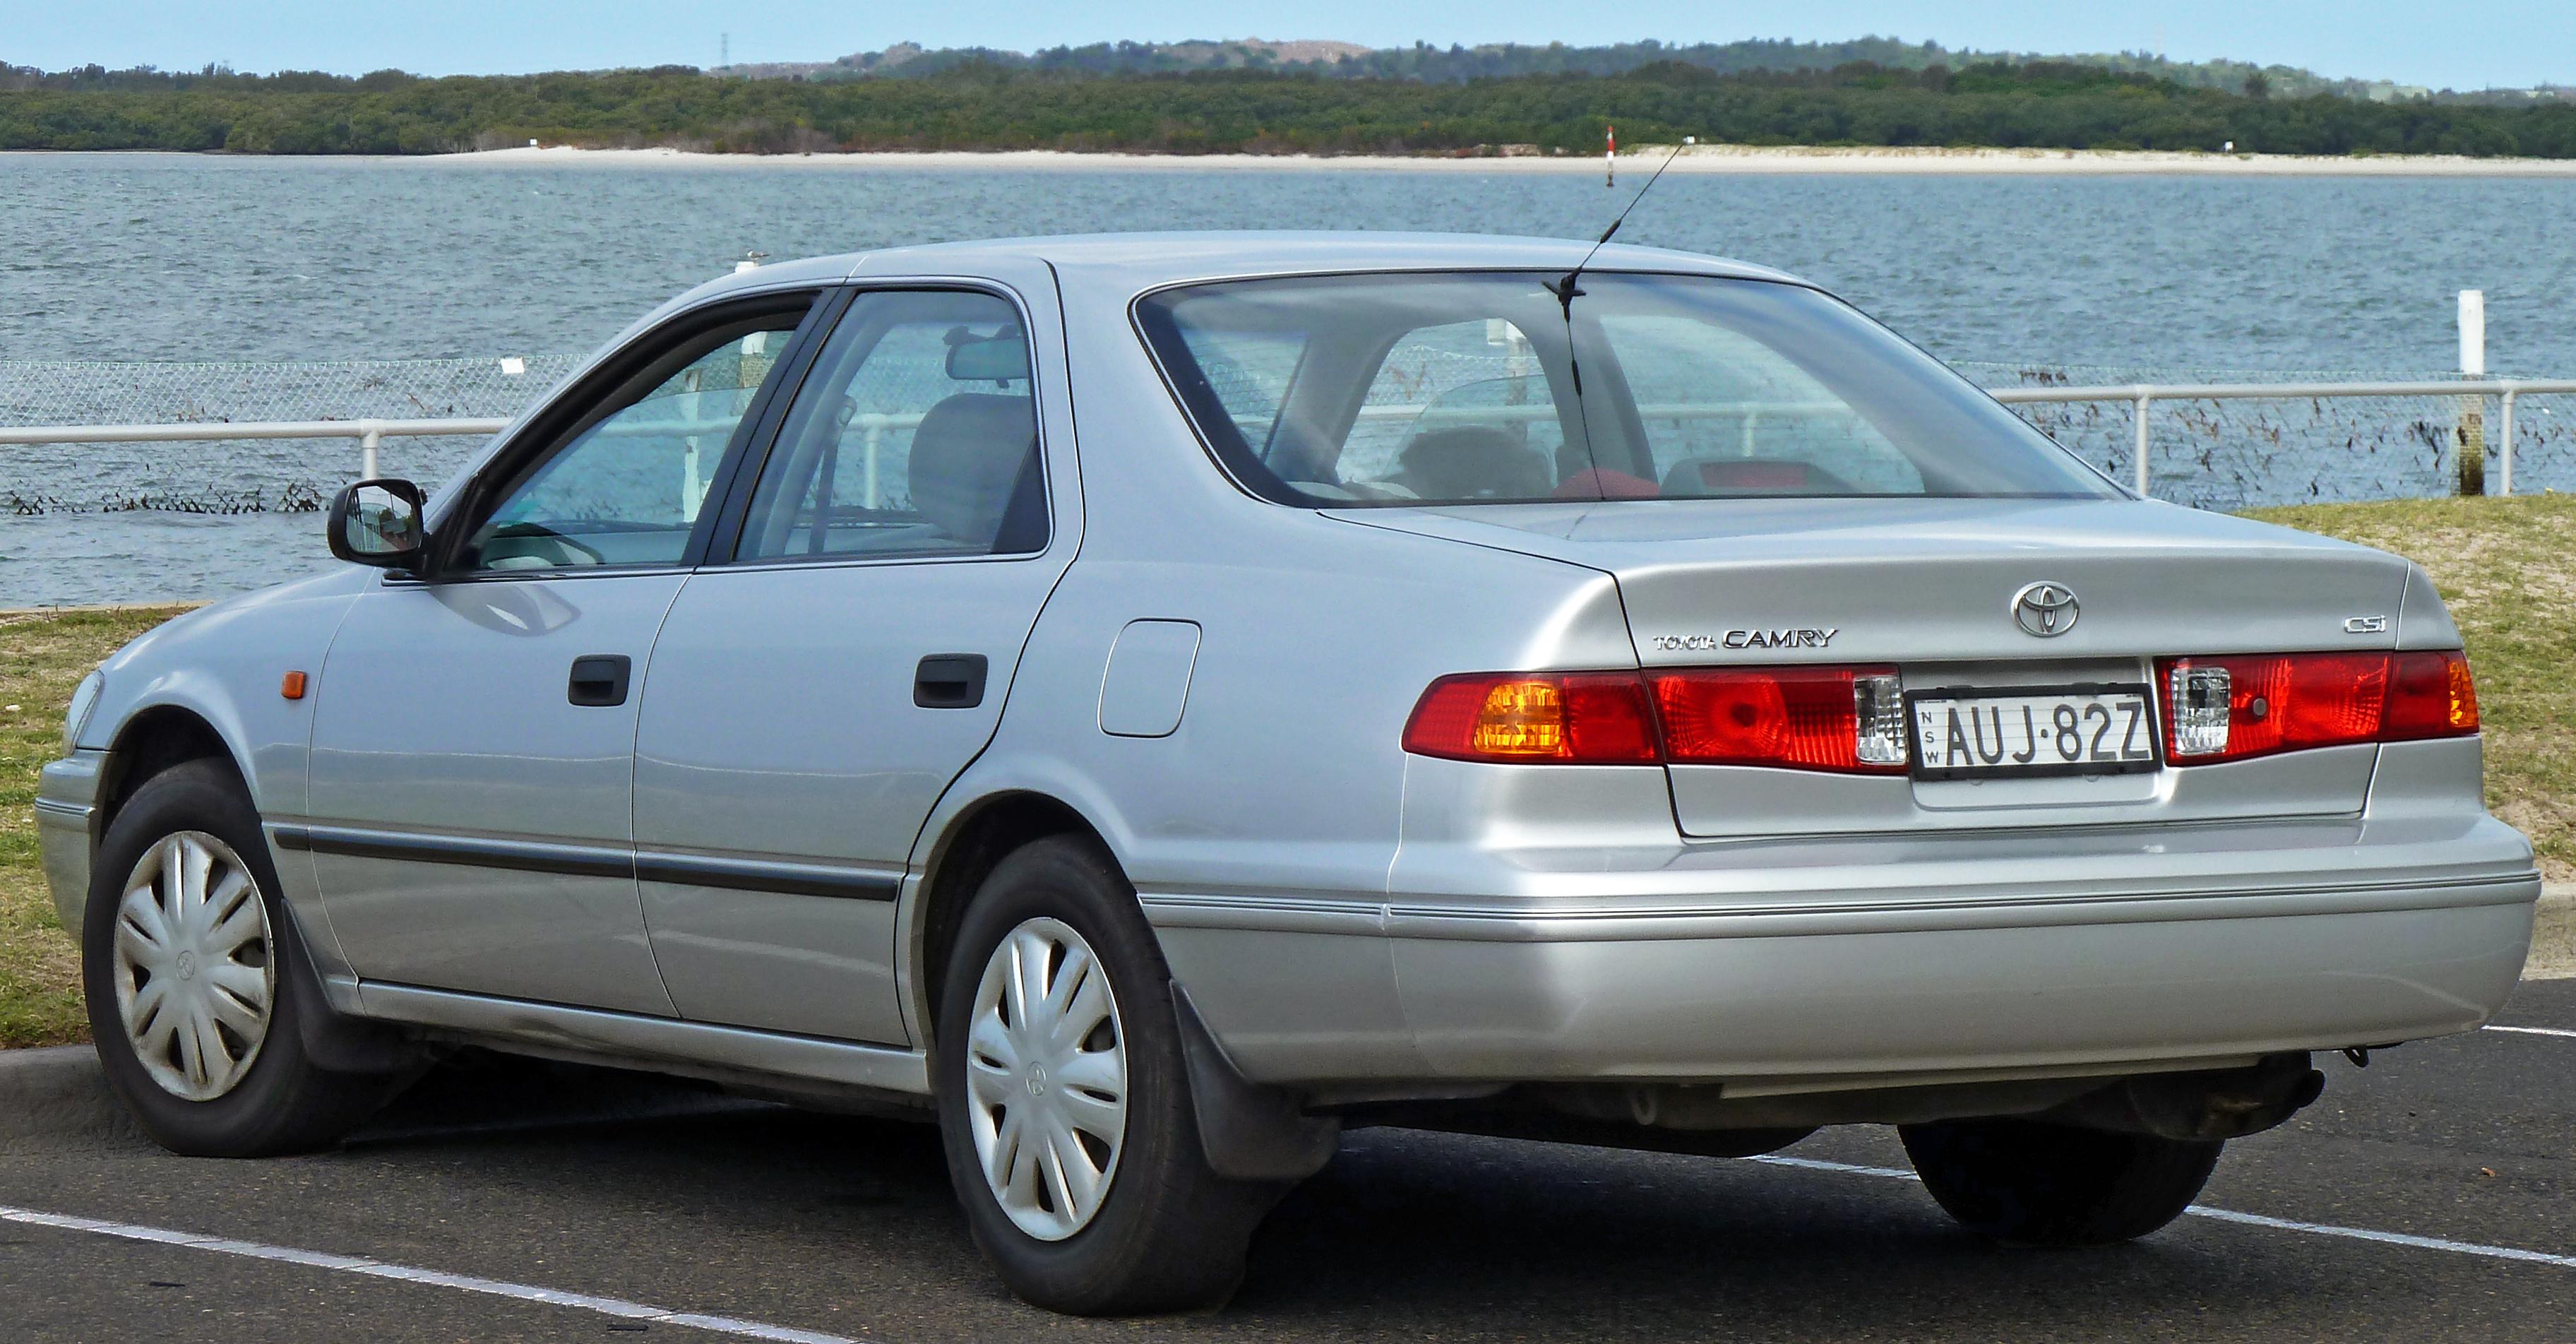 Daihatsu Altis I (SXV20) 2000 - 2001 Sedan #2